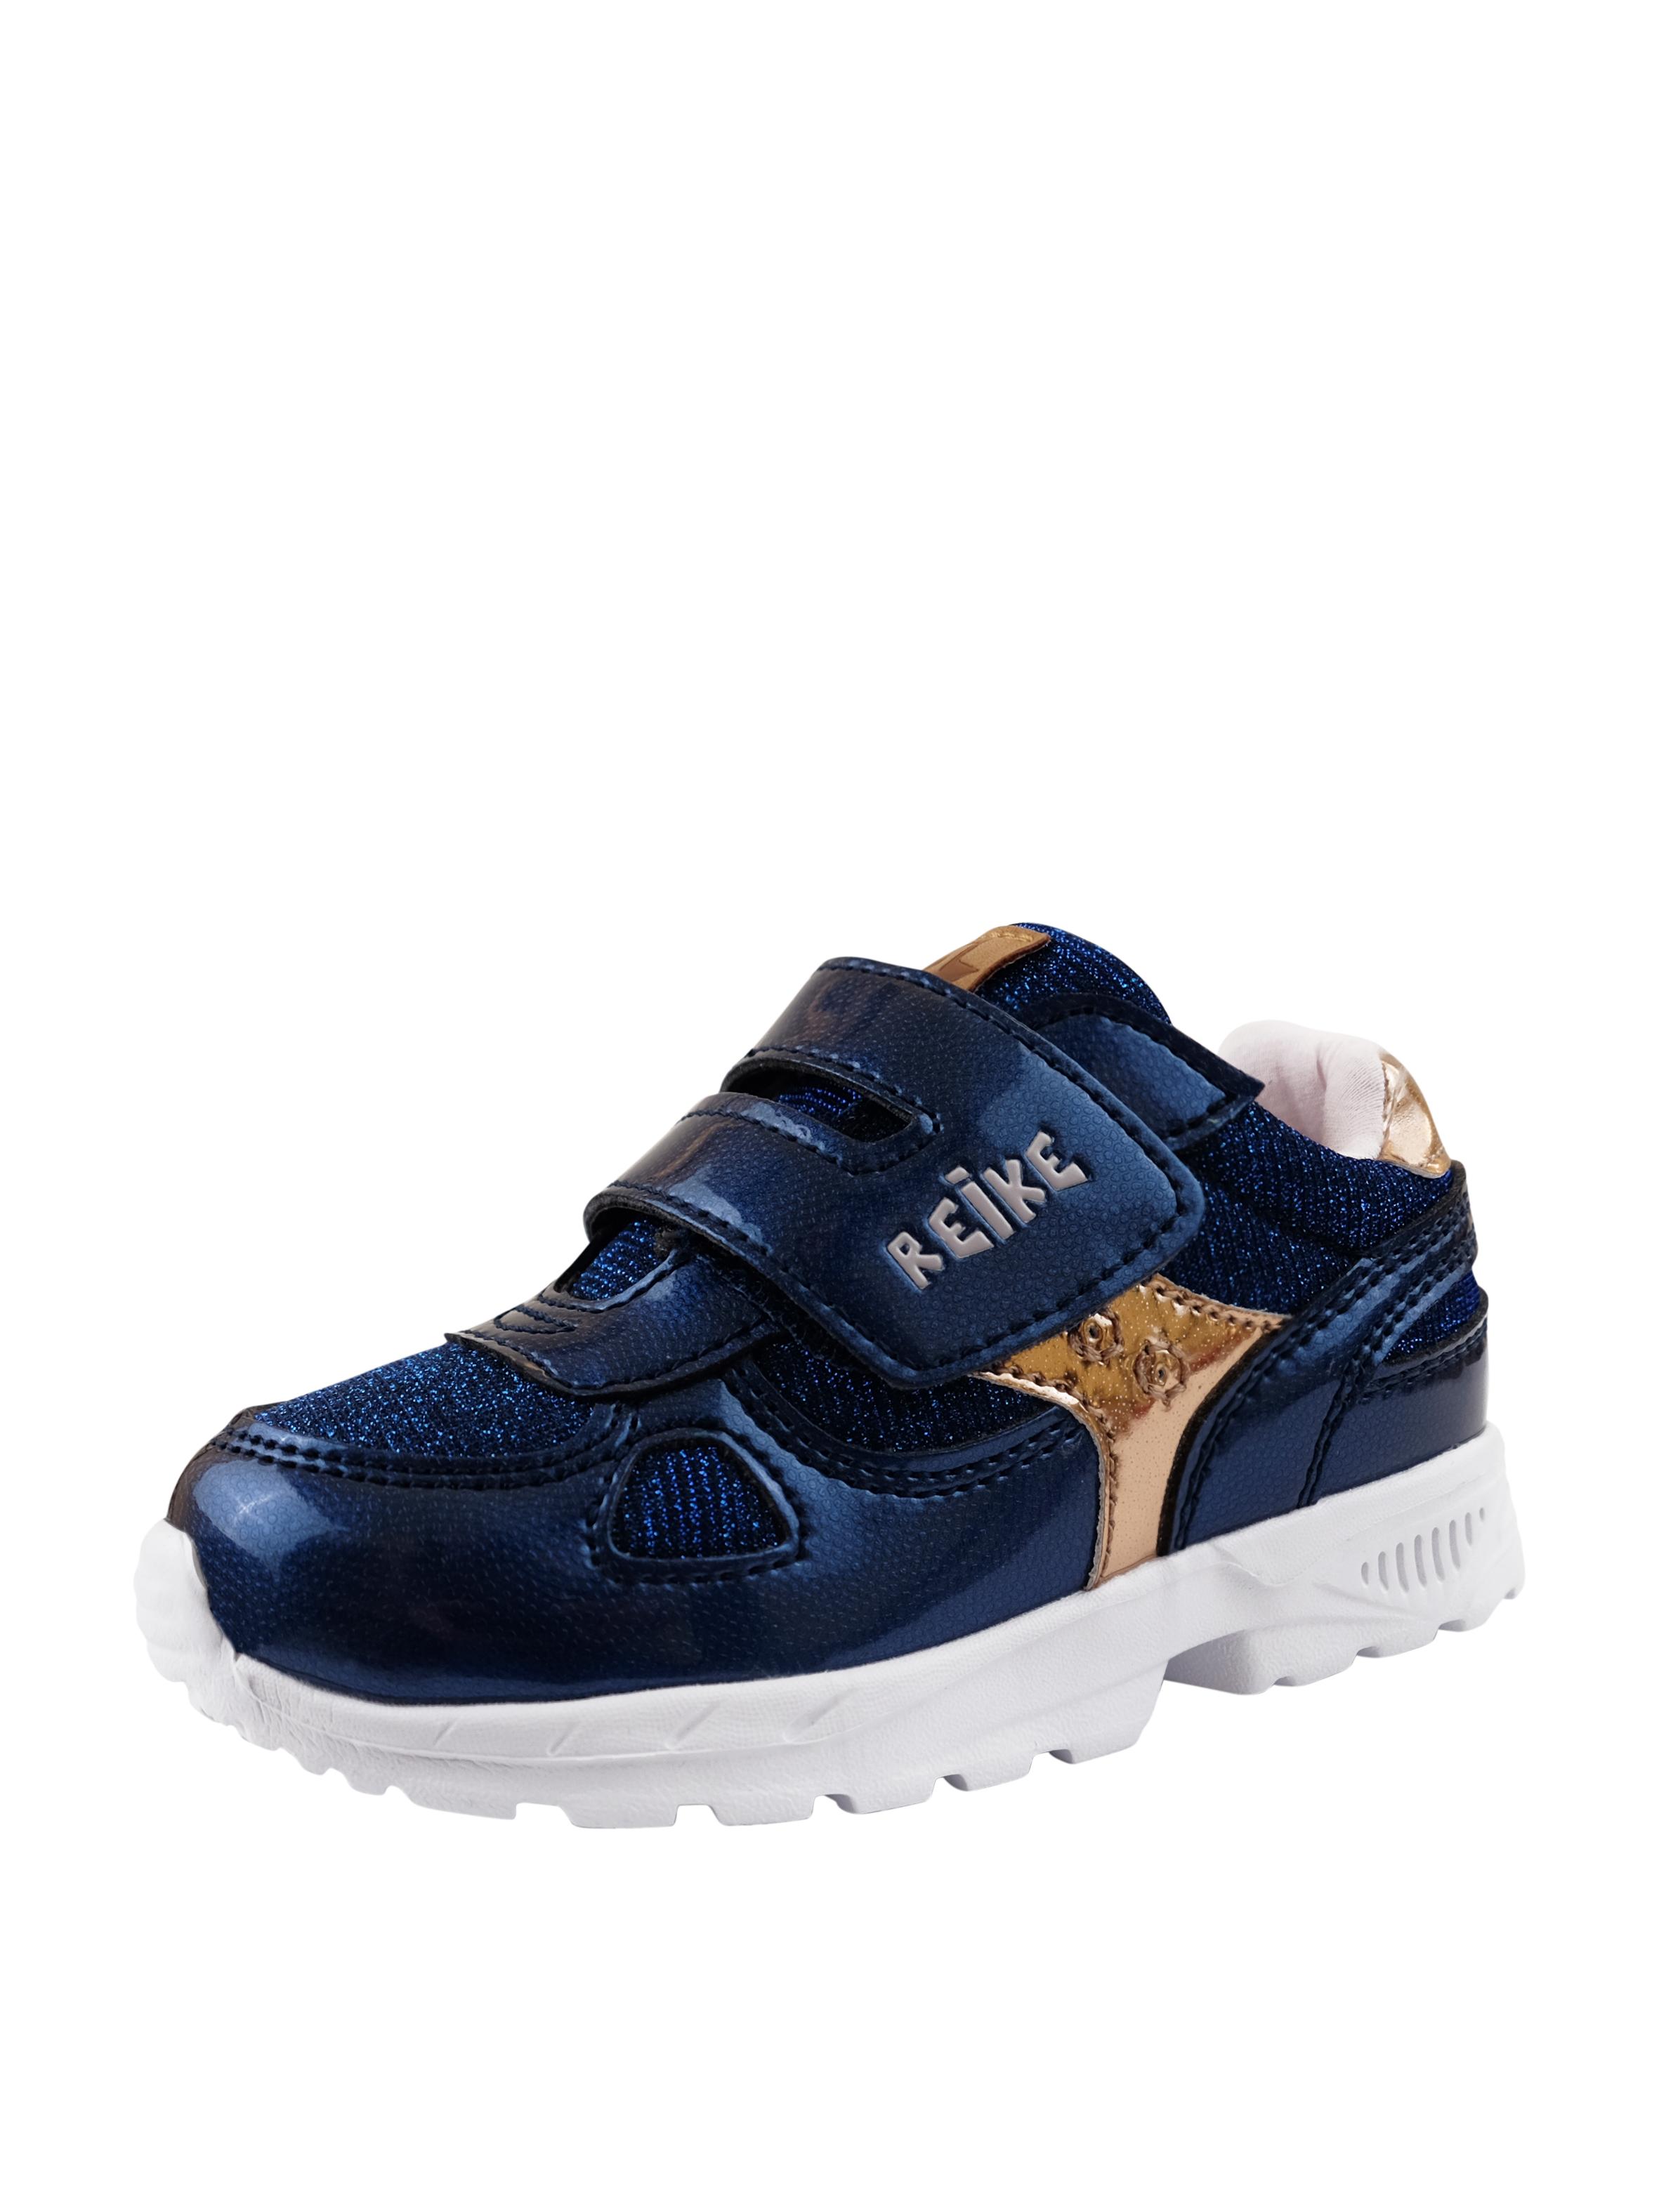 Купить RST20-012 BS navy, Кроссовки для девочки Reike Basic navy р.22, Детские кроссовки